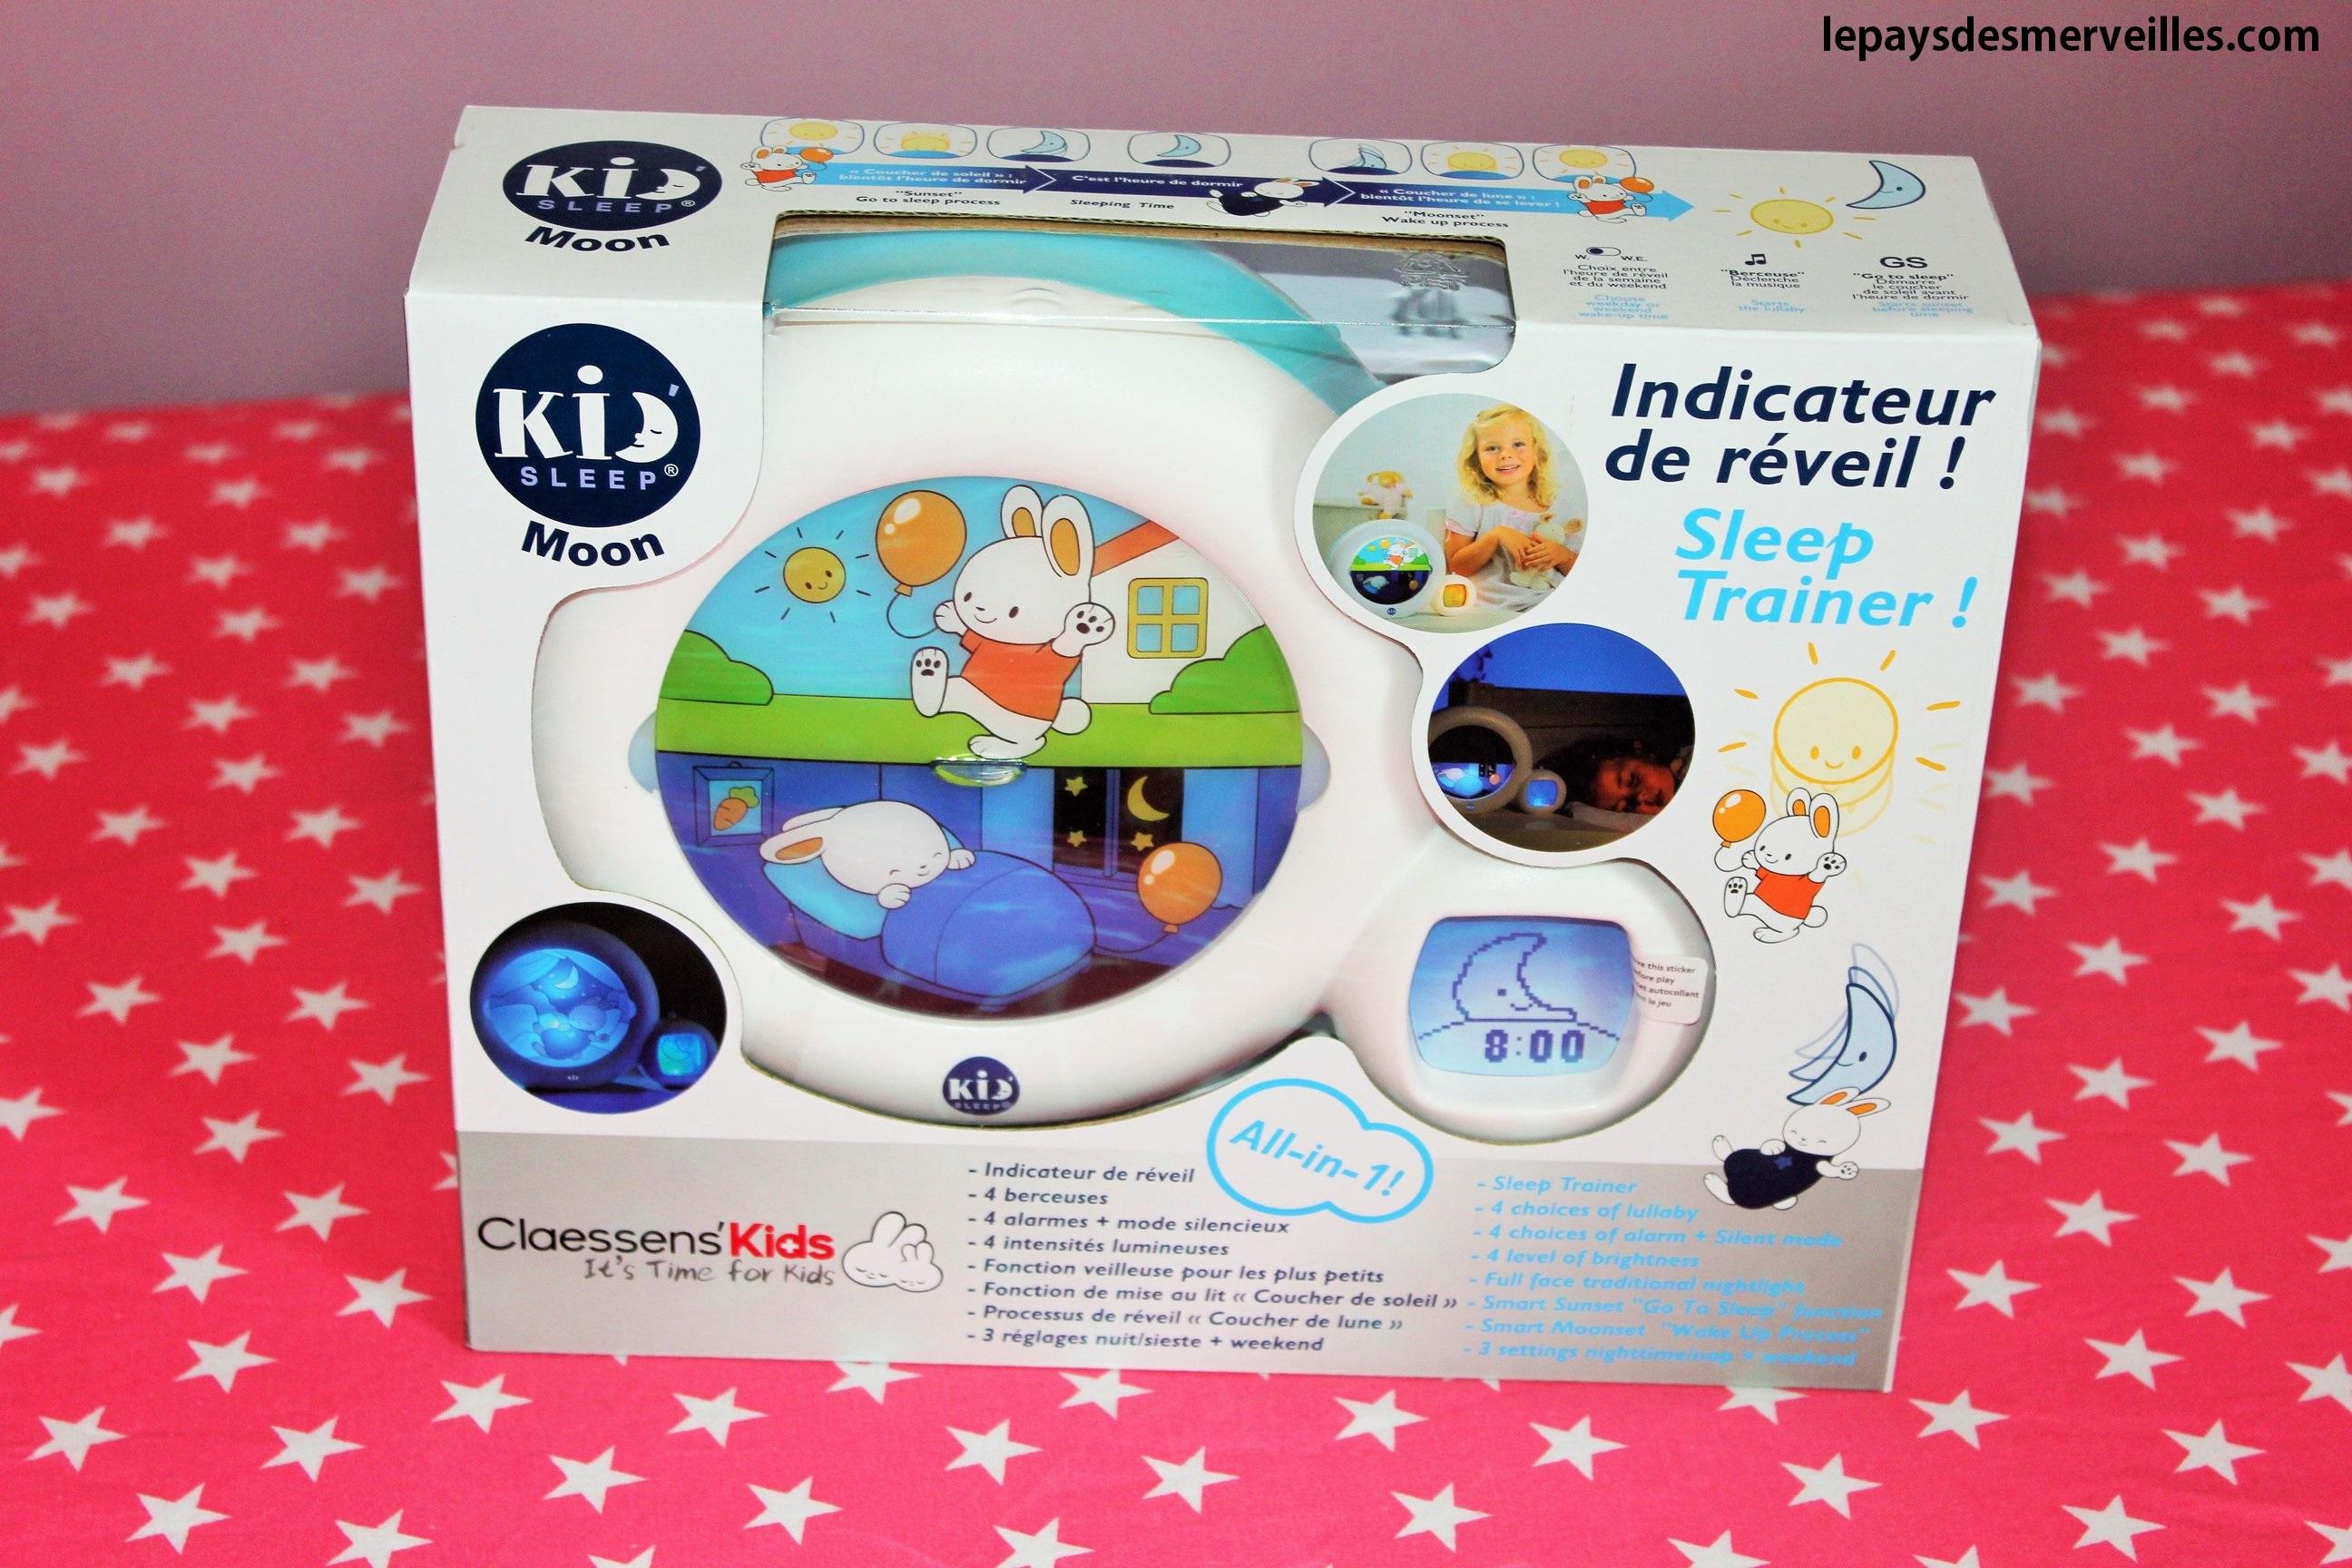 kid 39 sleep moon le r veil qui lui indique quand se lever. Black Bedroom Furniture Sets. Home Design Ideas